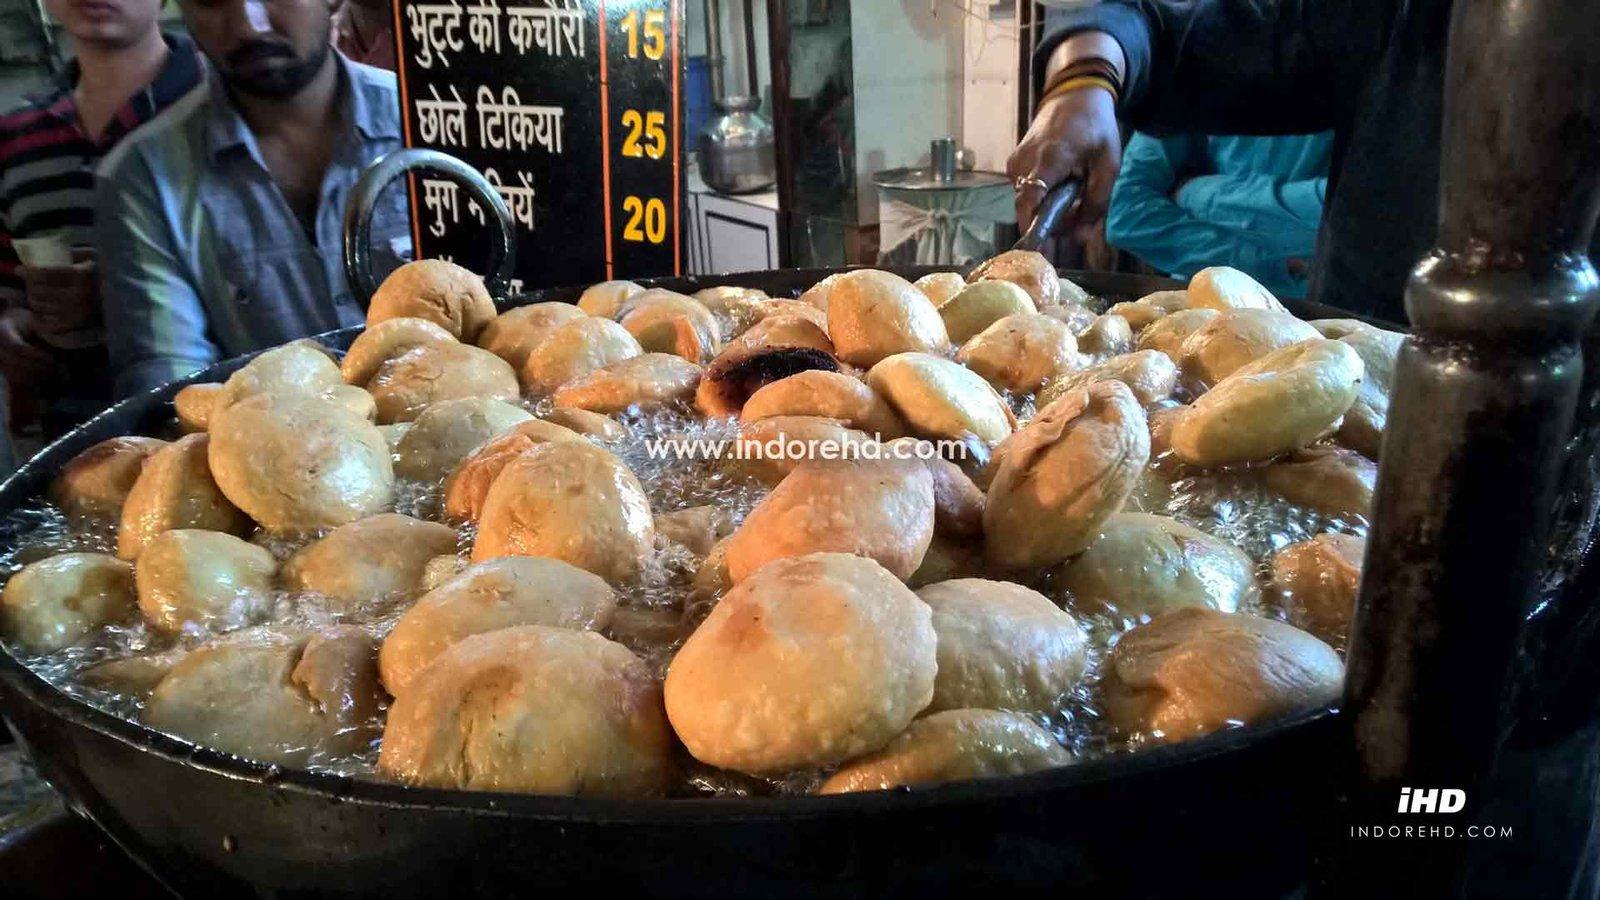 Indori-Kachori-best-in-India-IndoreHD